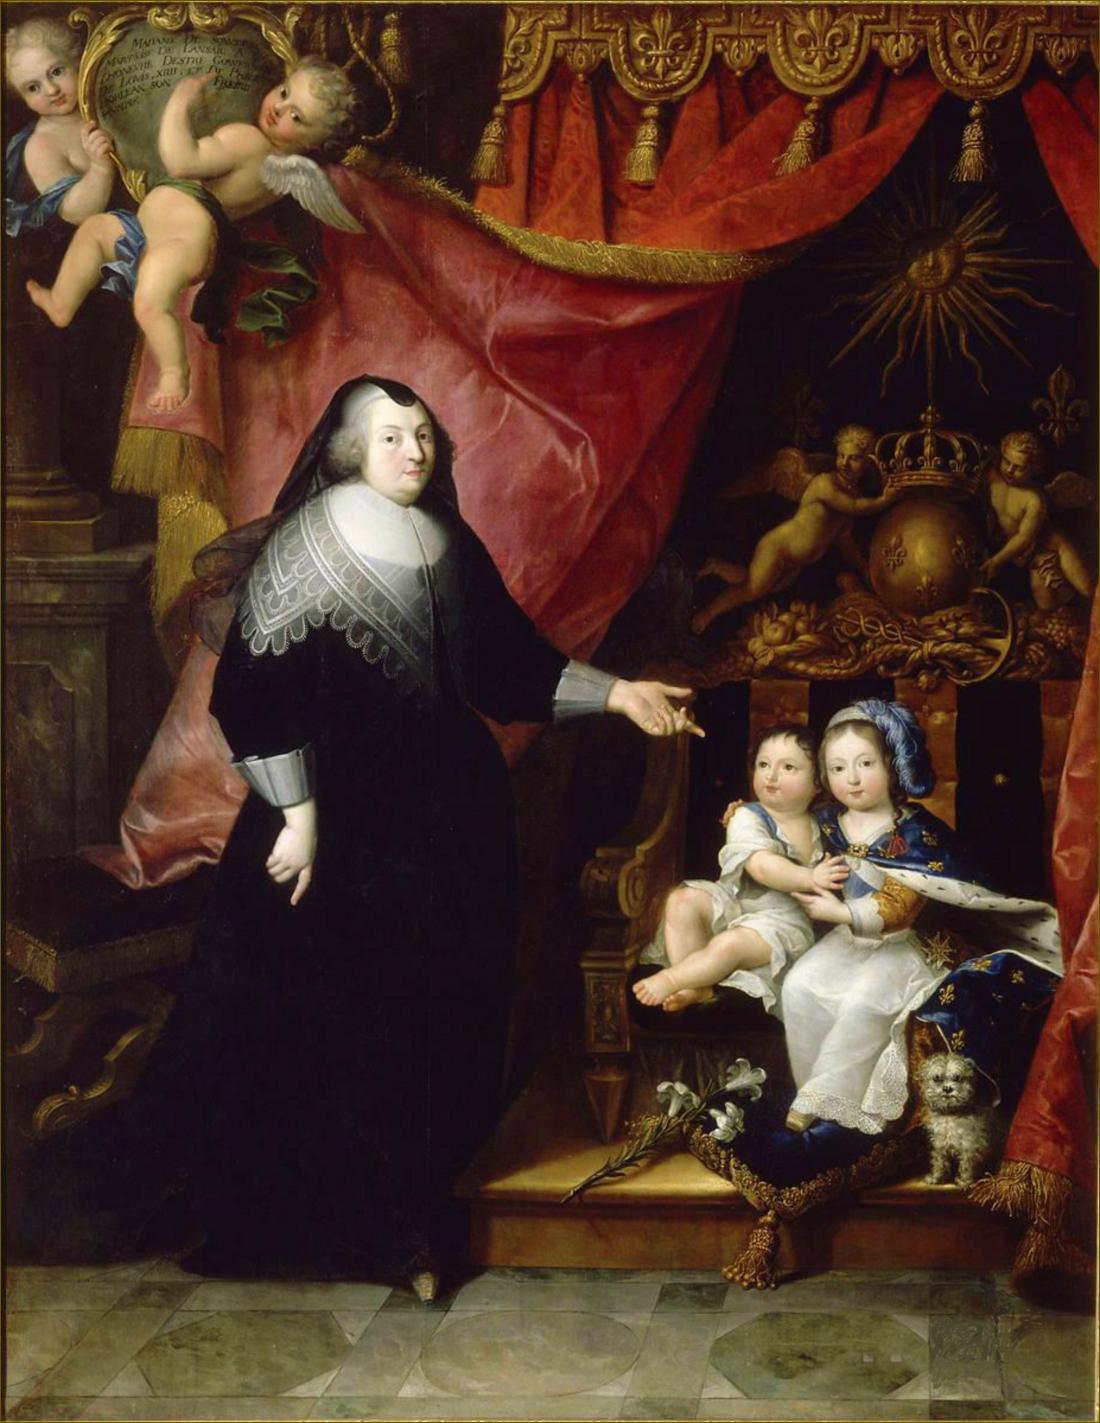 Louis XIV, roi de France, et son frère Philippe, duc d'Anjou puis d'Orléans, avec leur gouvernante Françoise de Souvré, marquise de Lansac